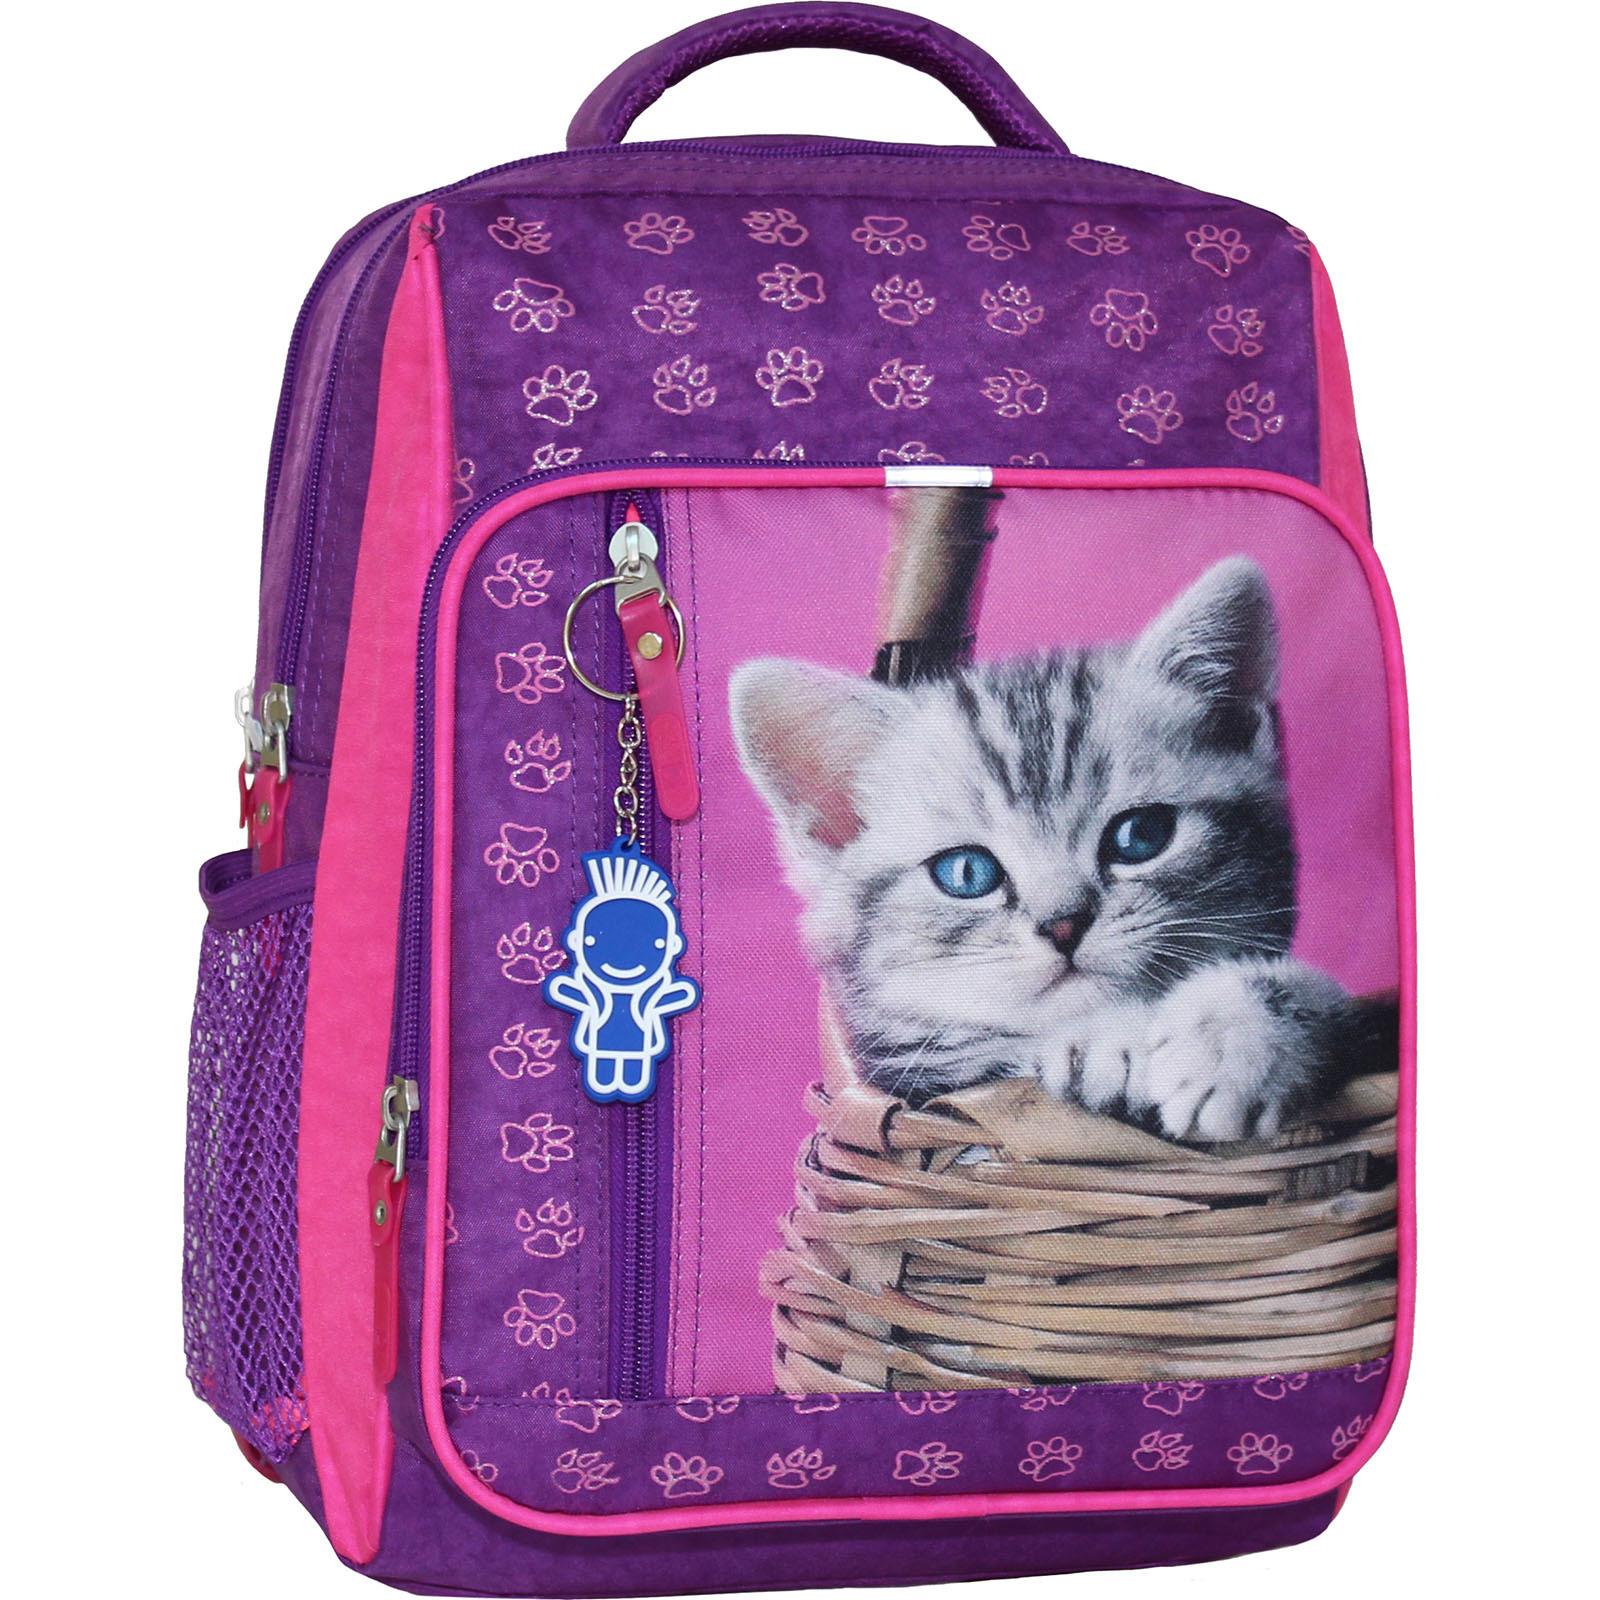 Школьные рюкзаки Рюкзак школьный Bagland Школьник 8 л. 339 фиолетовый 58д (0012870) IMG_4655.JPG